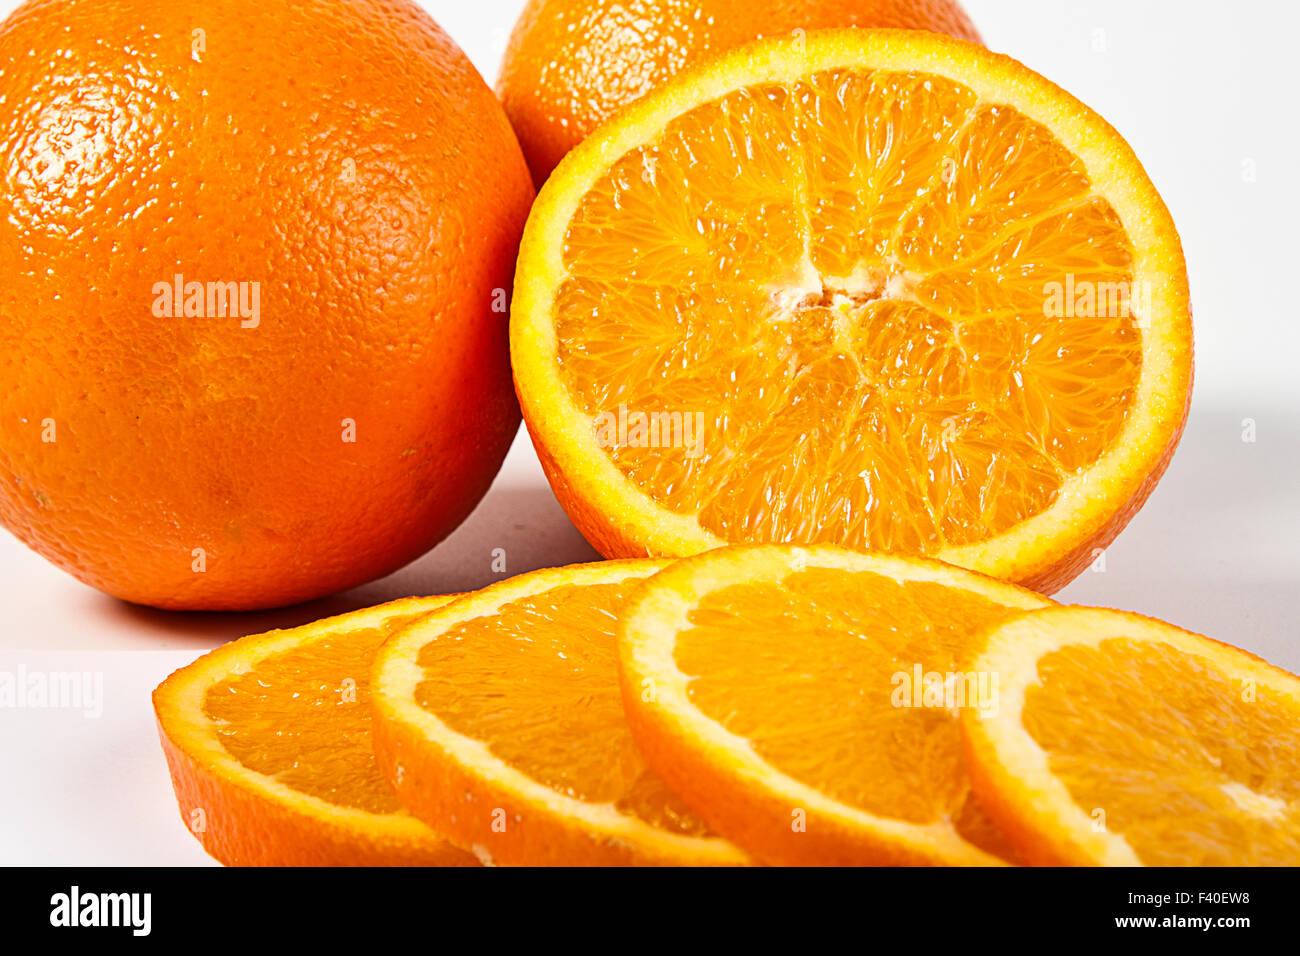 orange slices - Stock Image